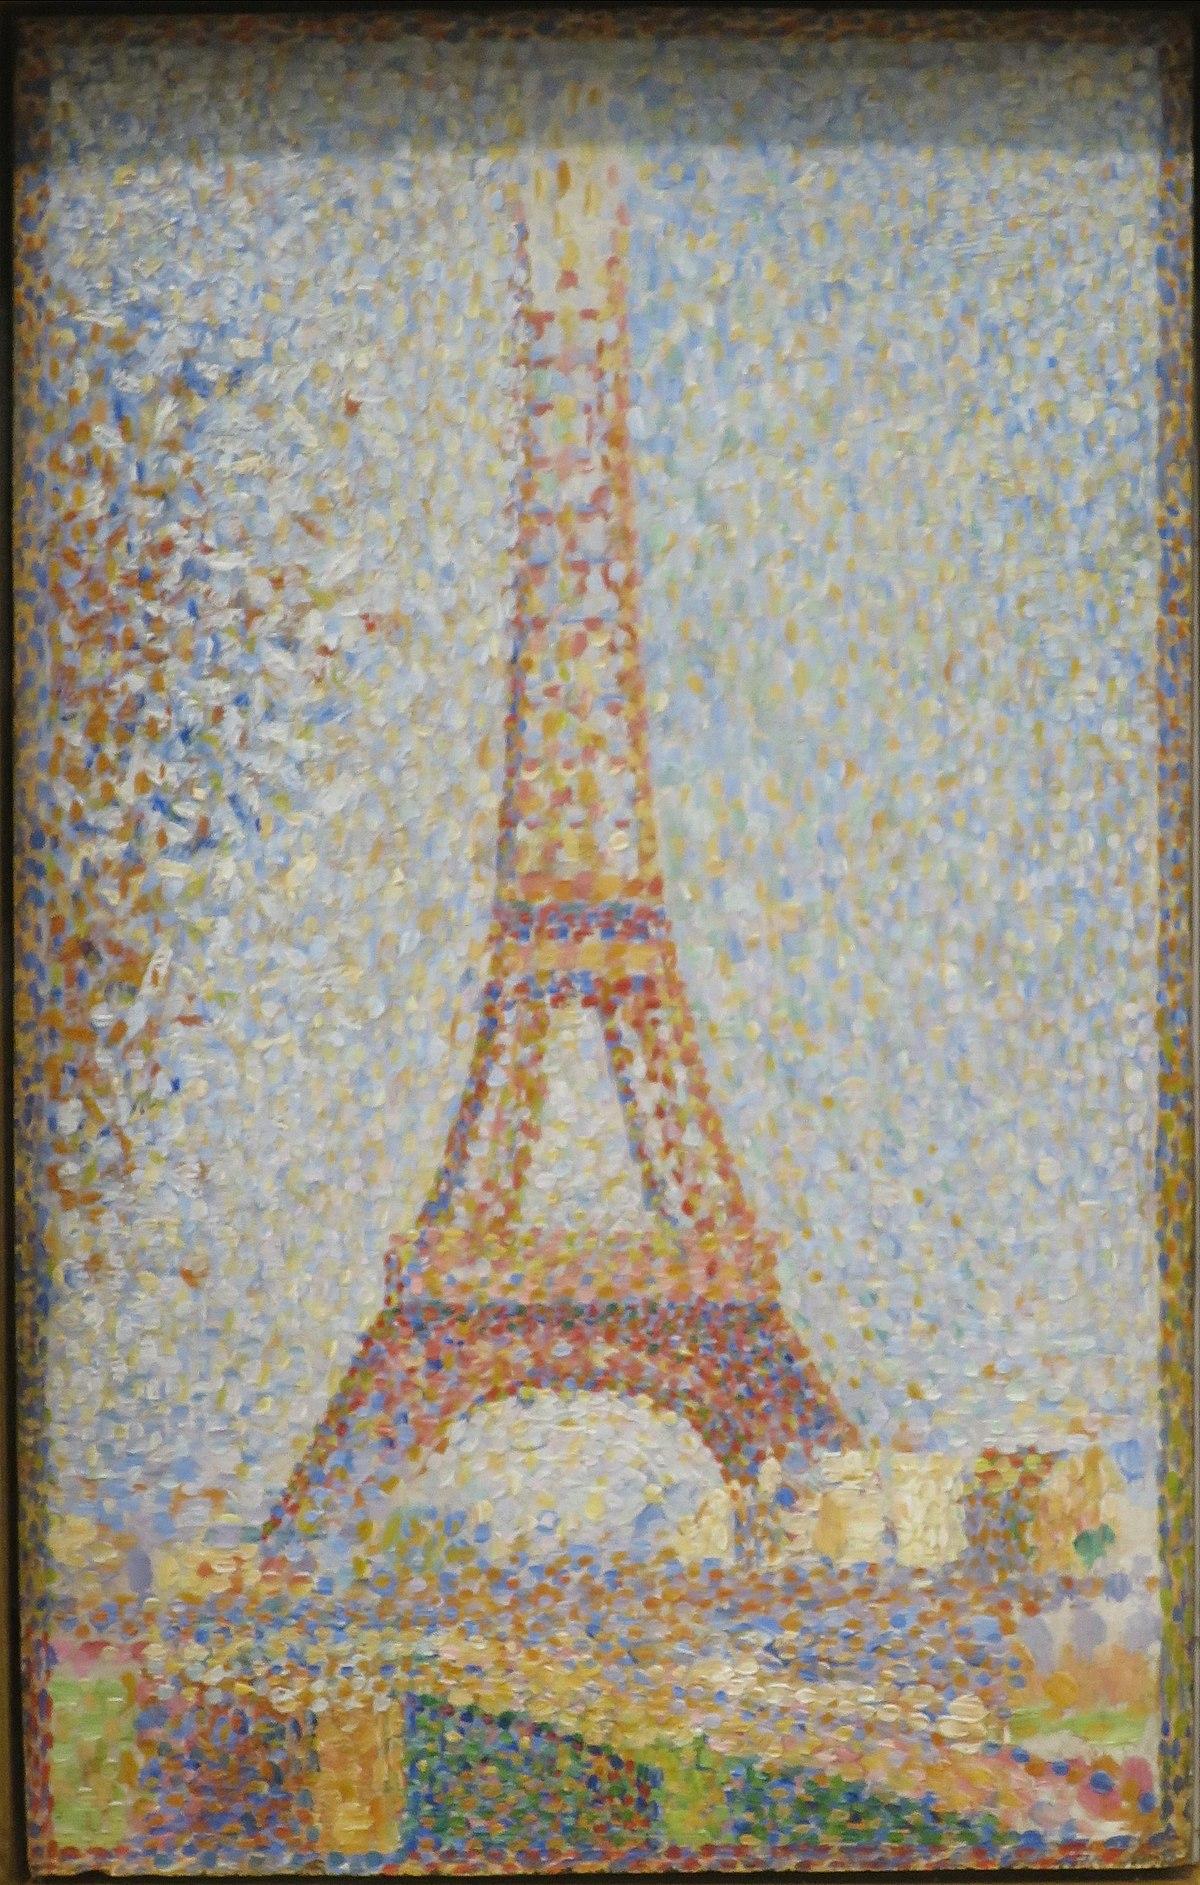 La Tour Eiffel (Seurat) - Wikipedia